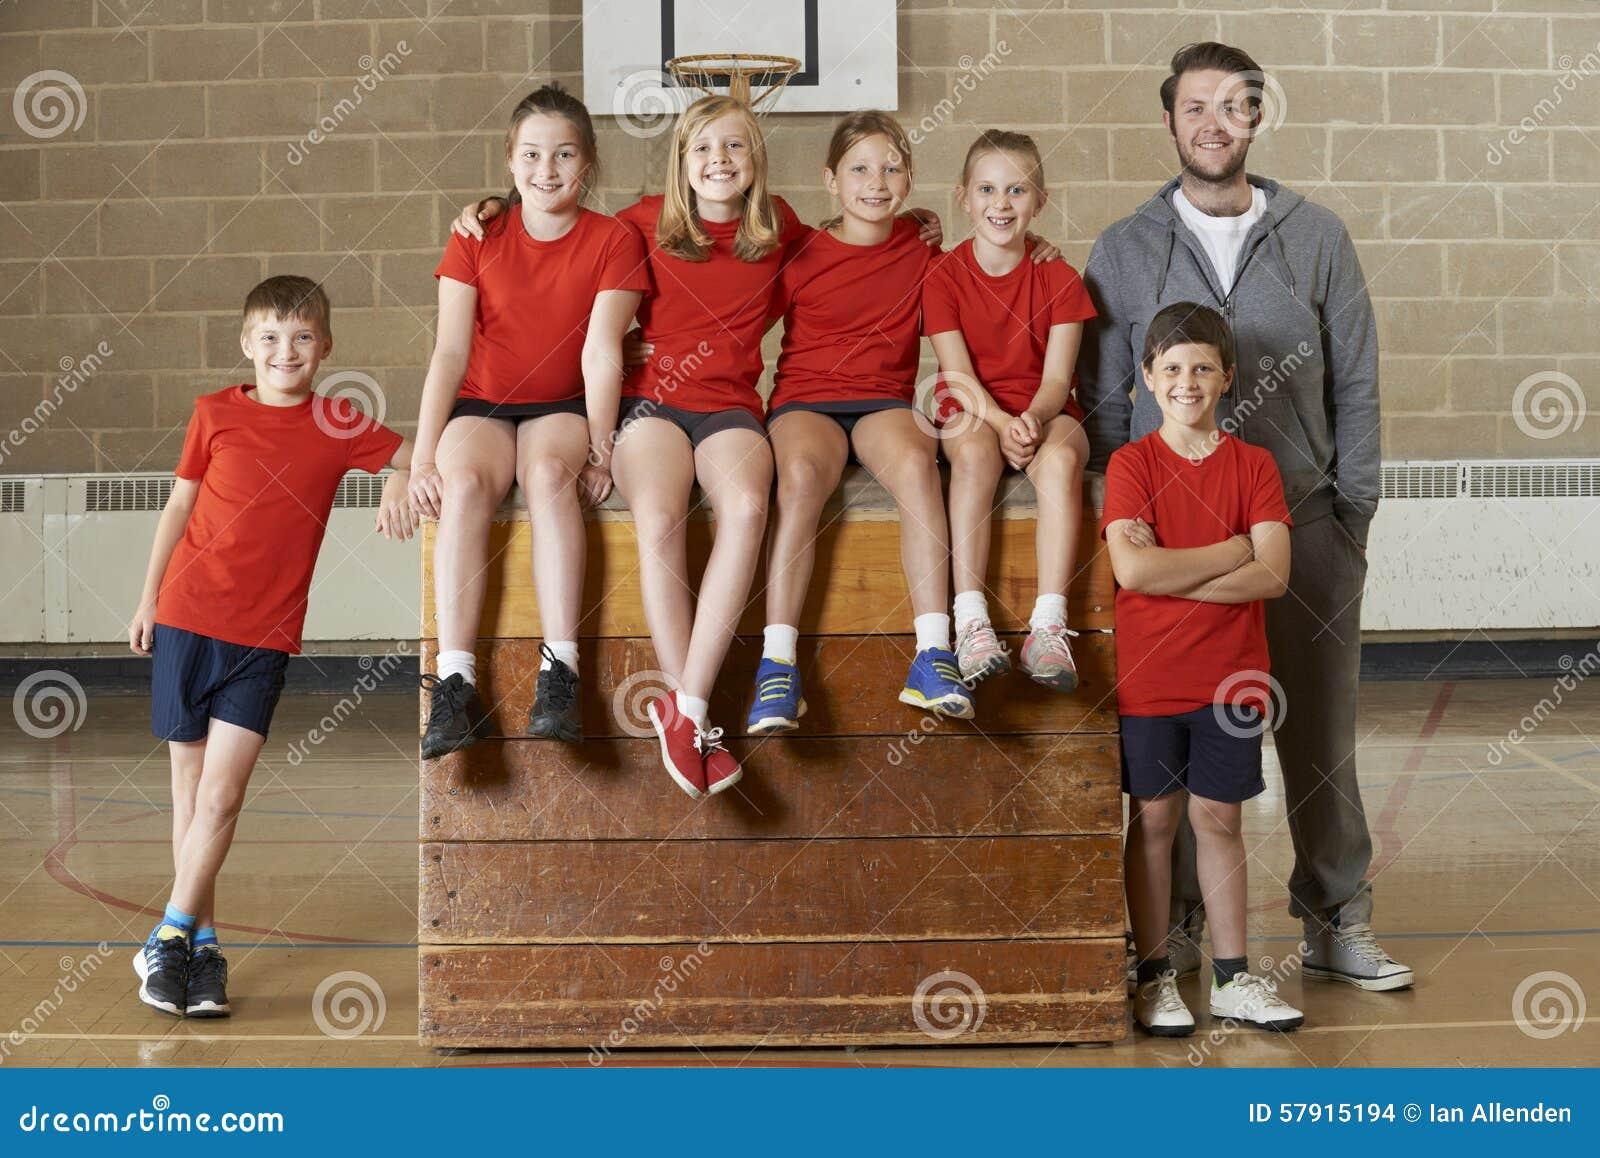 Retrato do Gym Team Sitting On Vaulting Horse da escola